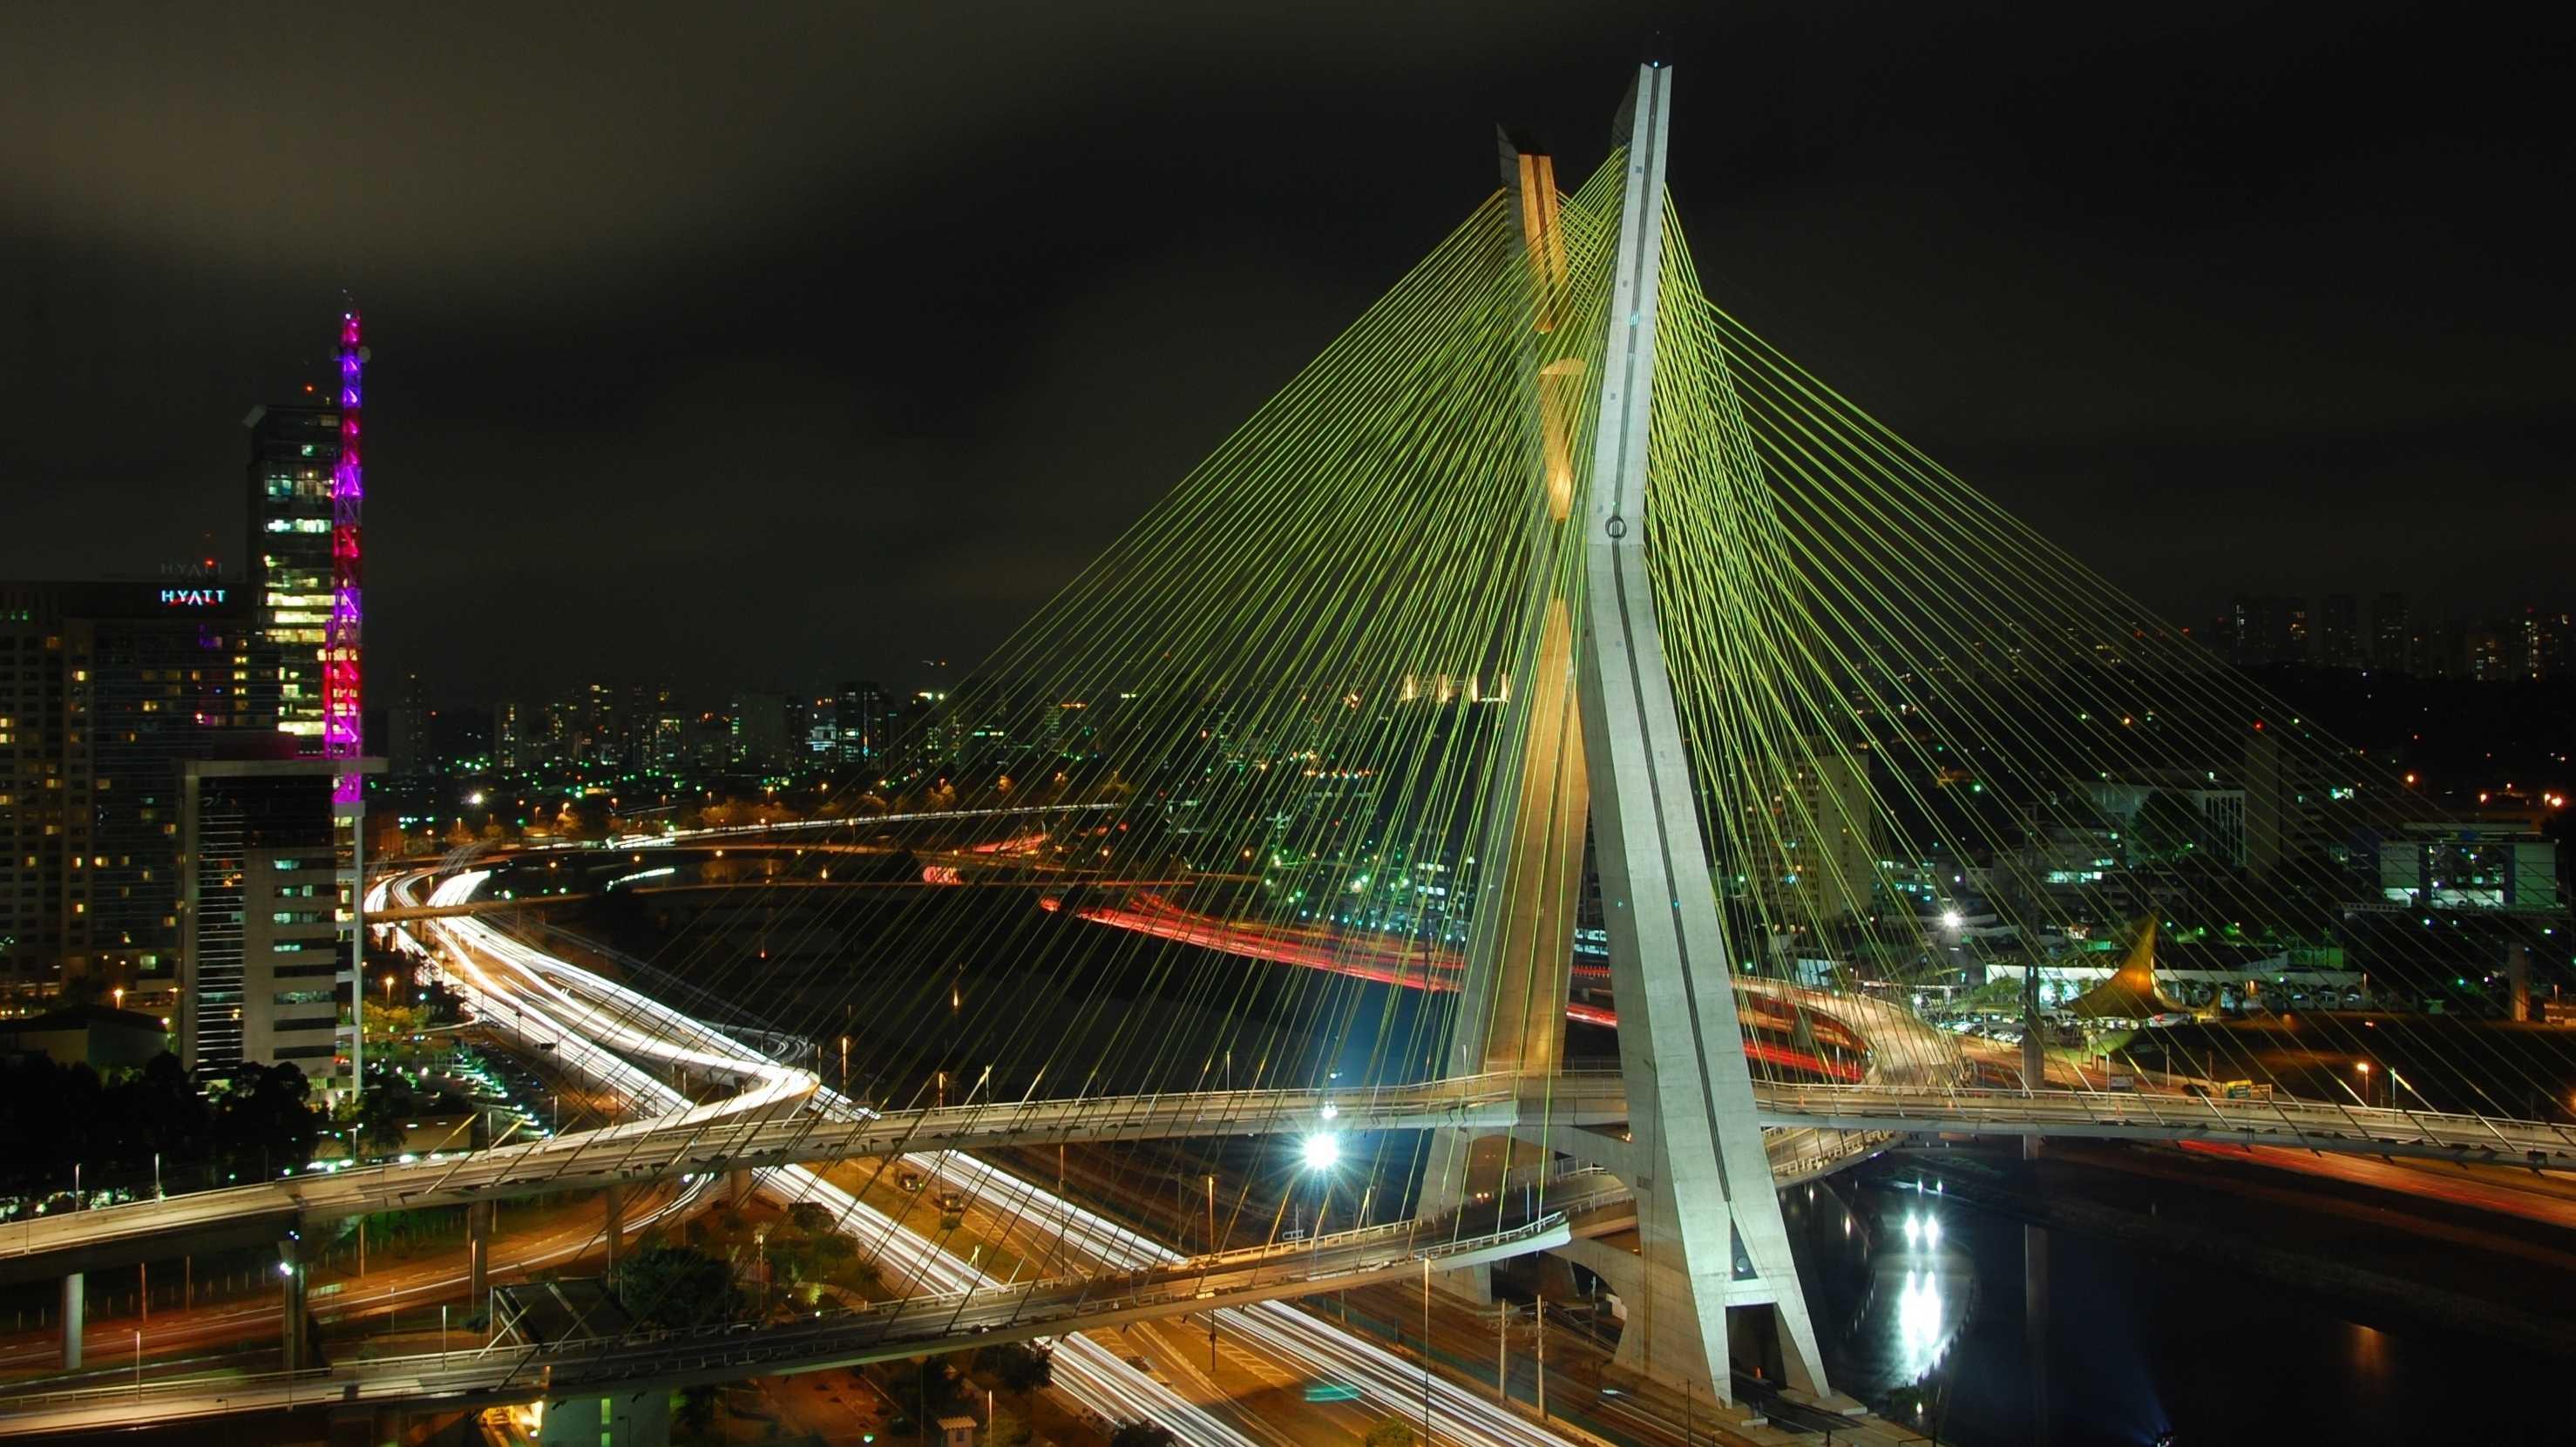 Nachtaufnahme einer beleuchteten Brücke